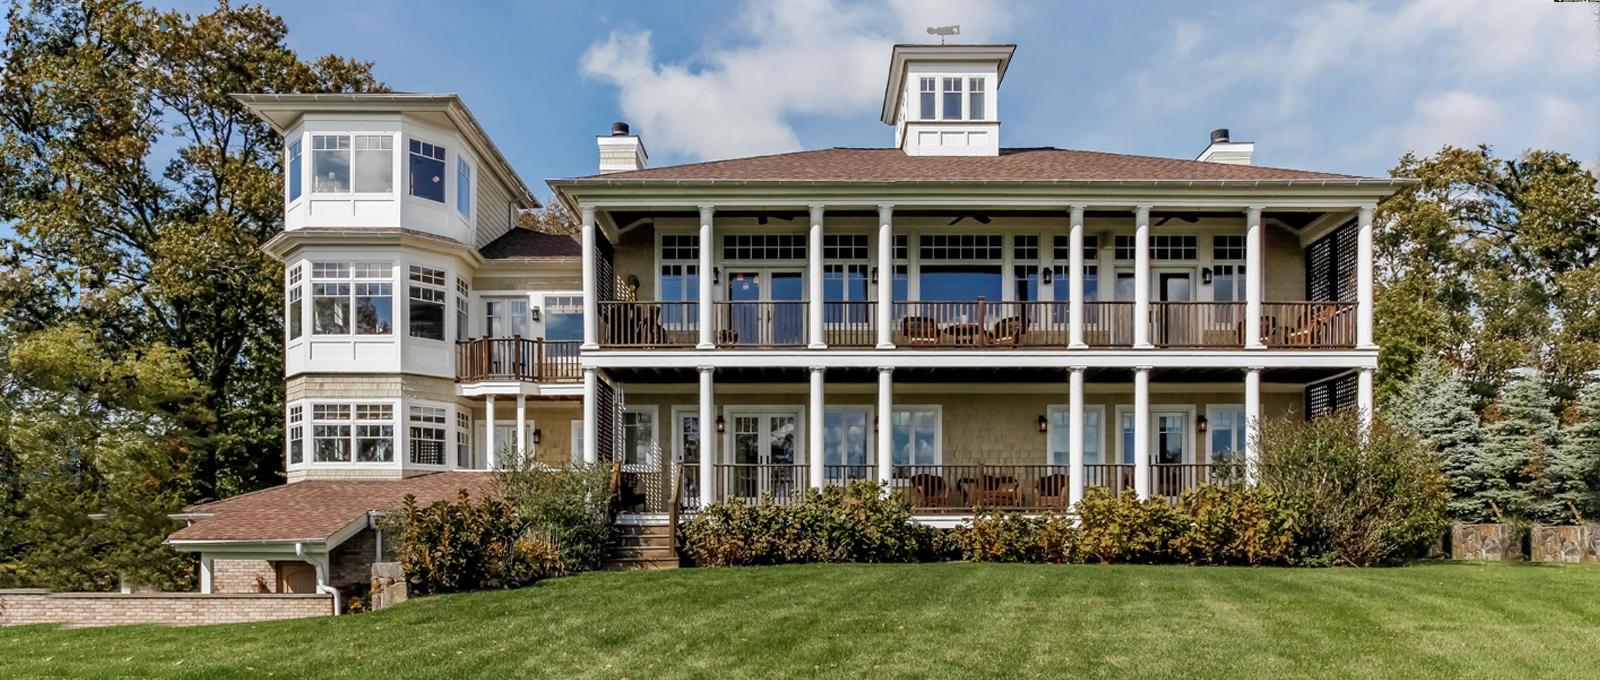 Casa para uma família para Venda às 4 Hill Top Drive Port Chester, Nova York 10573 Estados Unidos